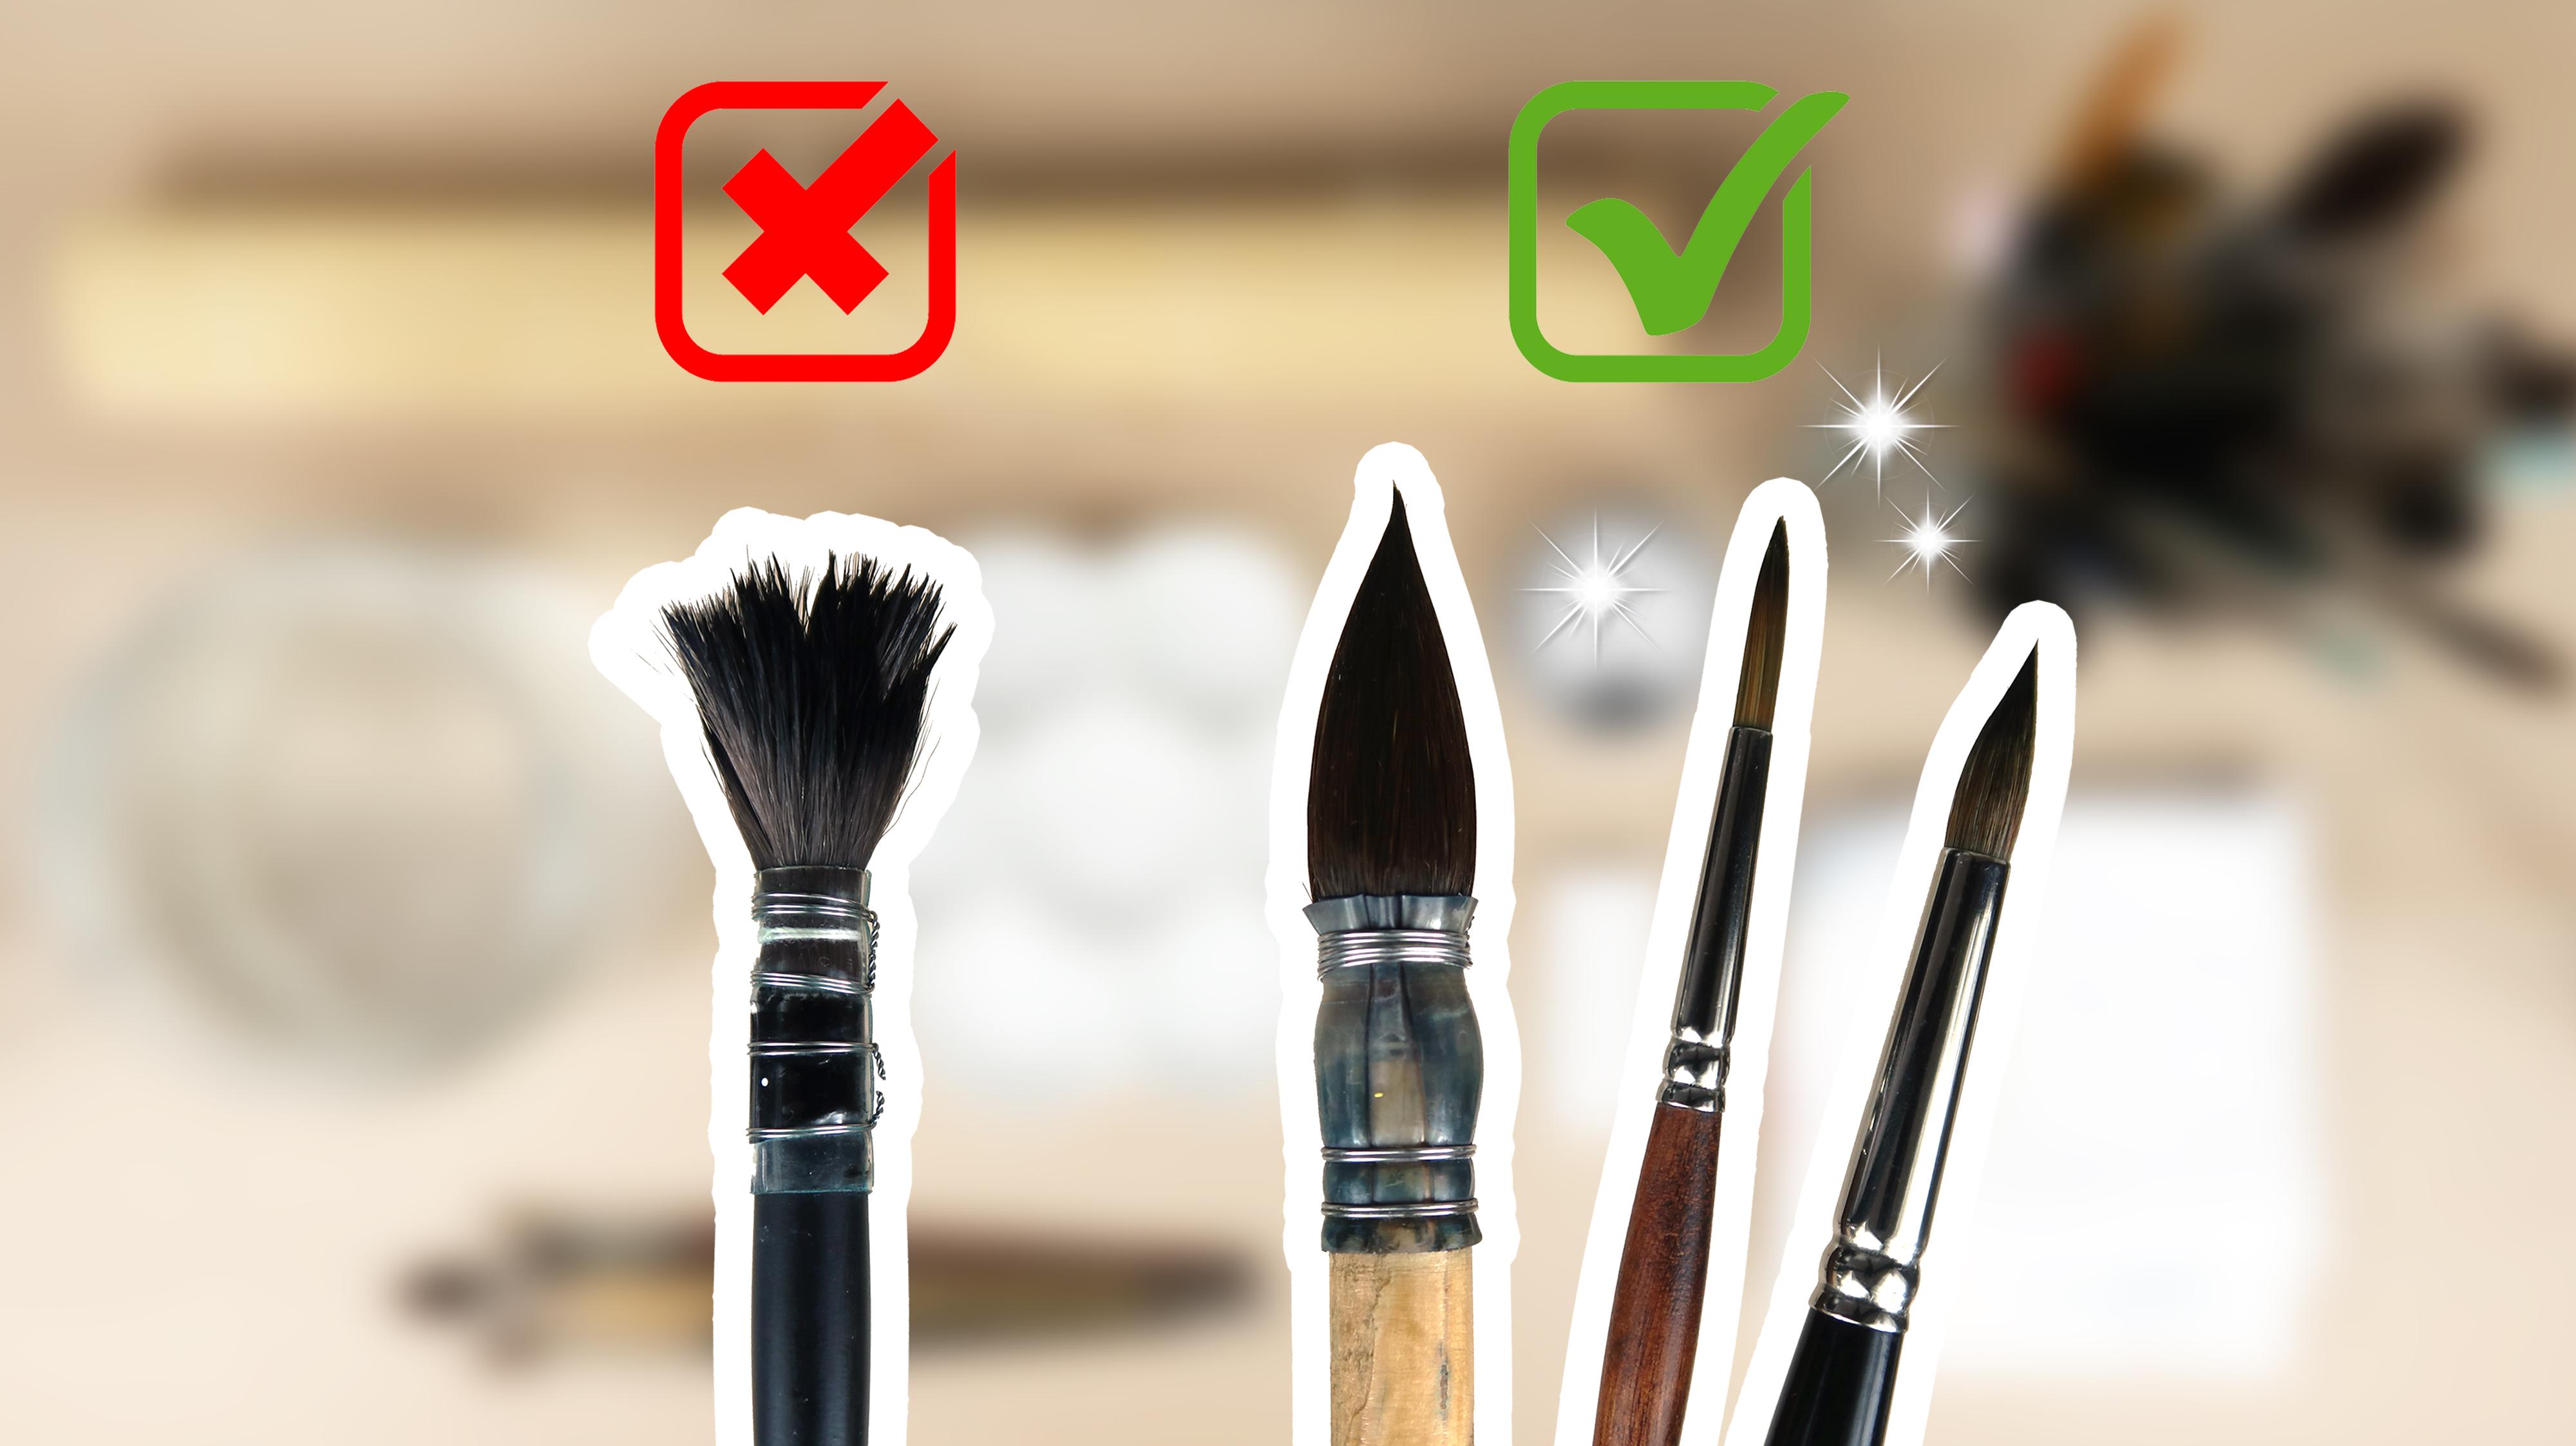 Bien nettoyer ses pinceaux d'aquarelle et prolonger leur durée de vie?